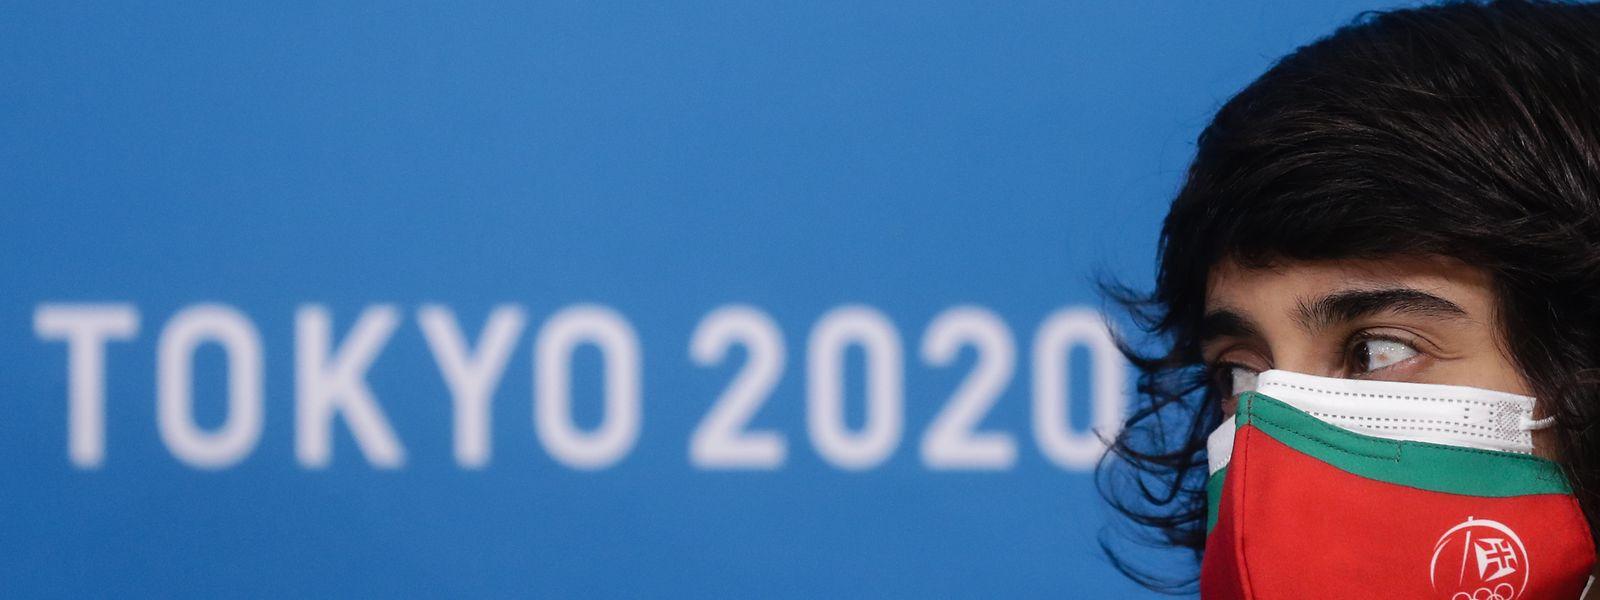 A judoca portuguesa, Catarina Costa, fala numa conferência de imprensa na Aldeia Olímpica, a dois dias do início dos Jogos Olímpicos de Tóquio 2020.